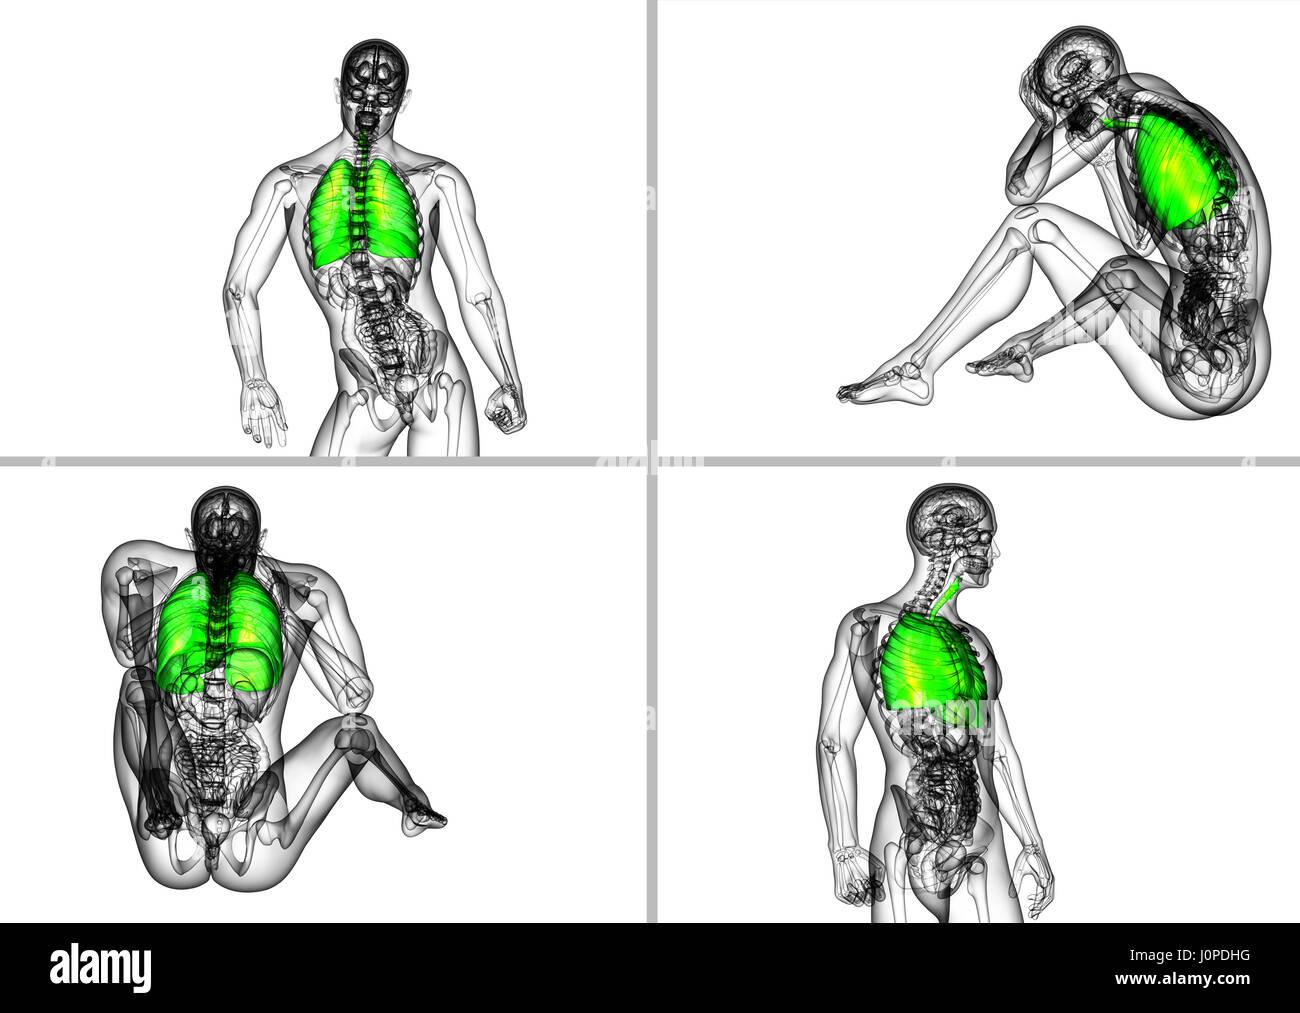 Nett Menschlichen Atemwege Anatomie Zeitgenössisch - Menschliche ...